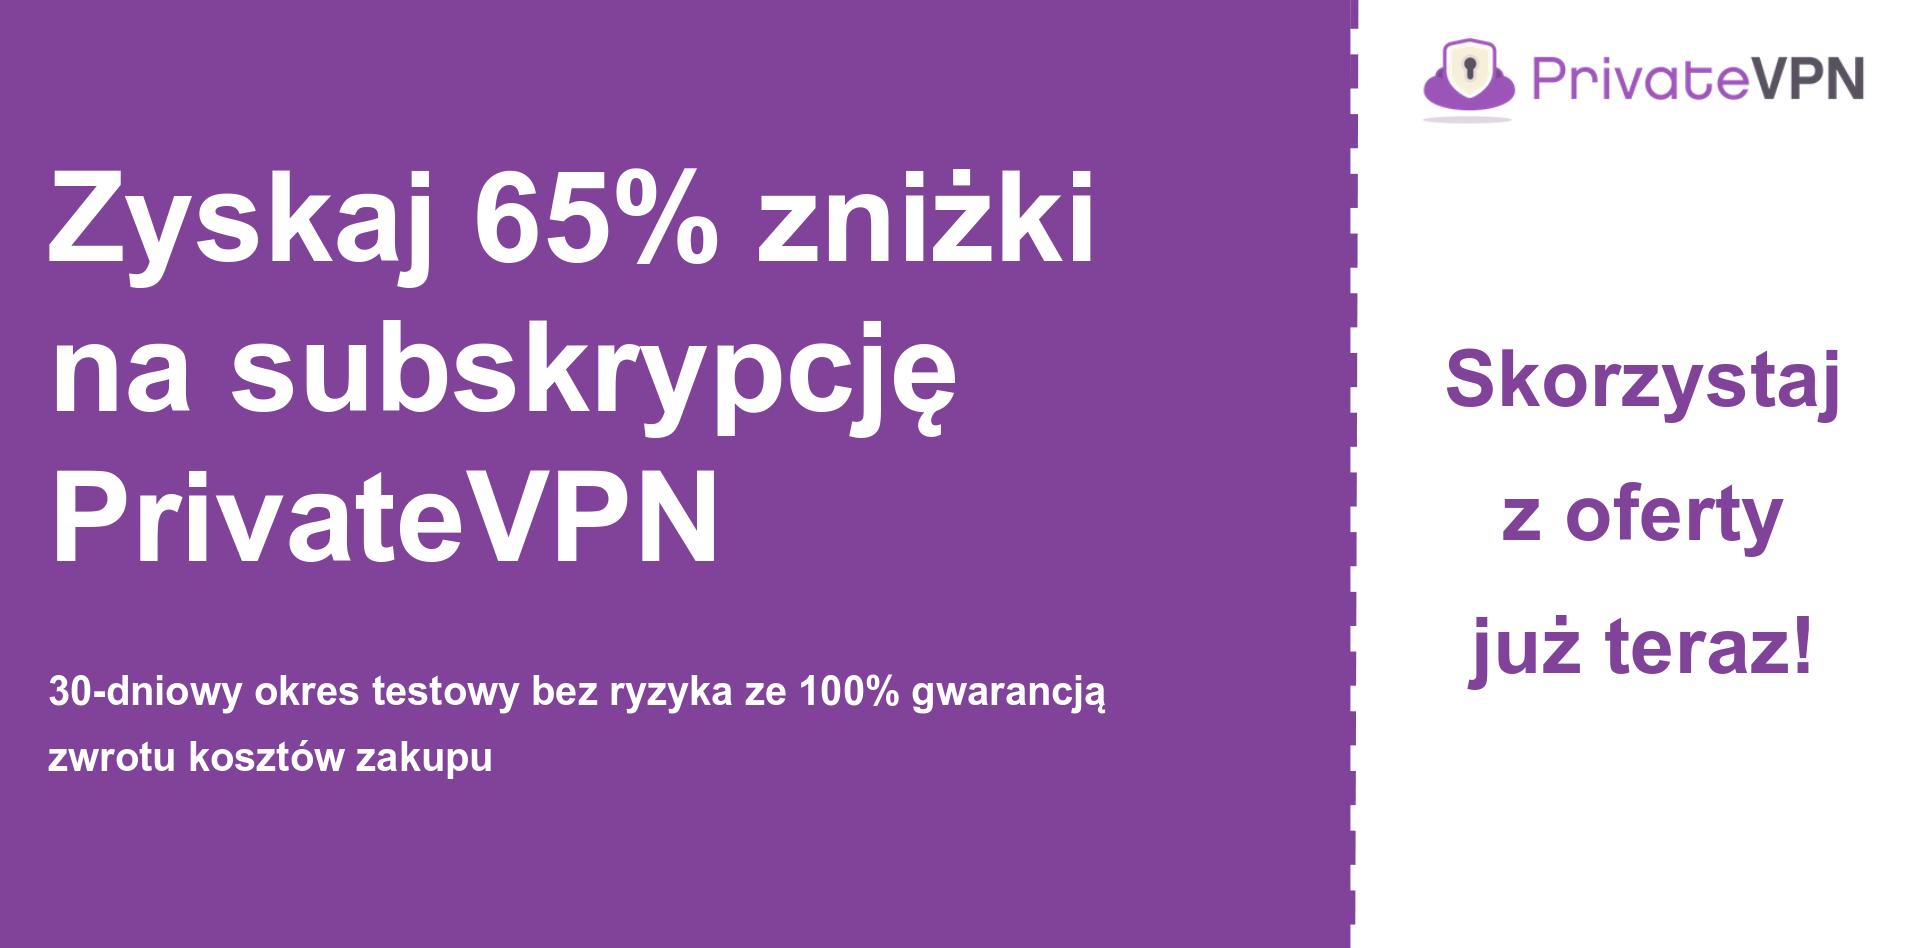 grafika banera głównego kuponu PrivateVPN pokazującego 65% zniżki